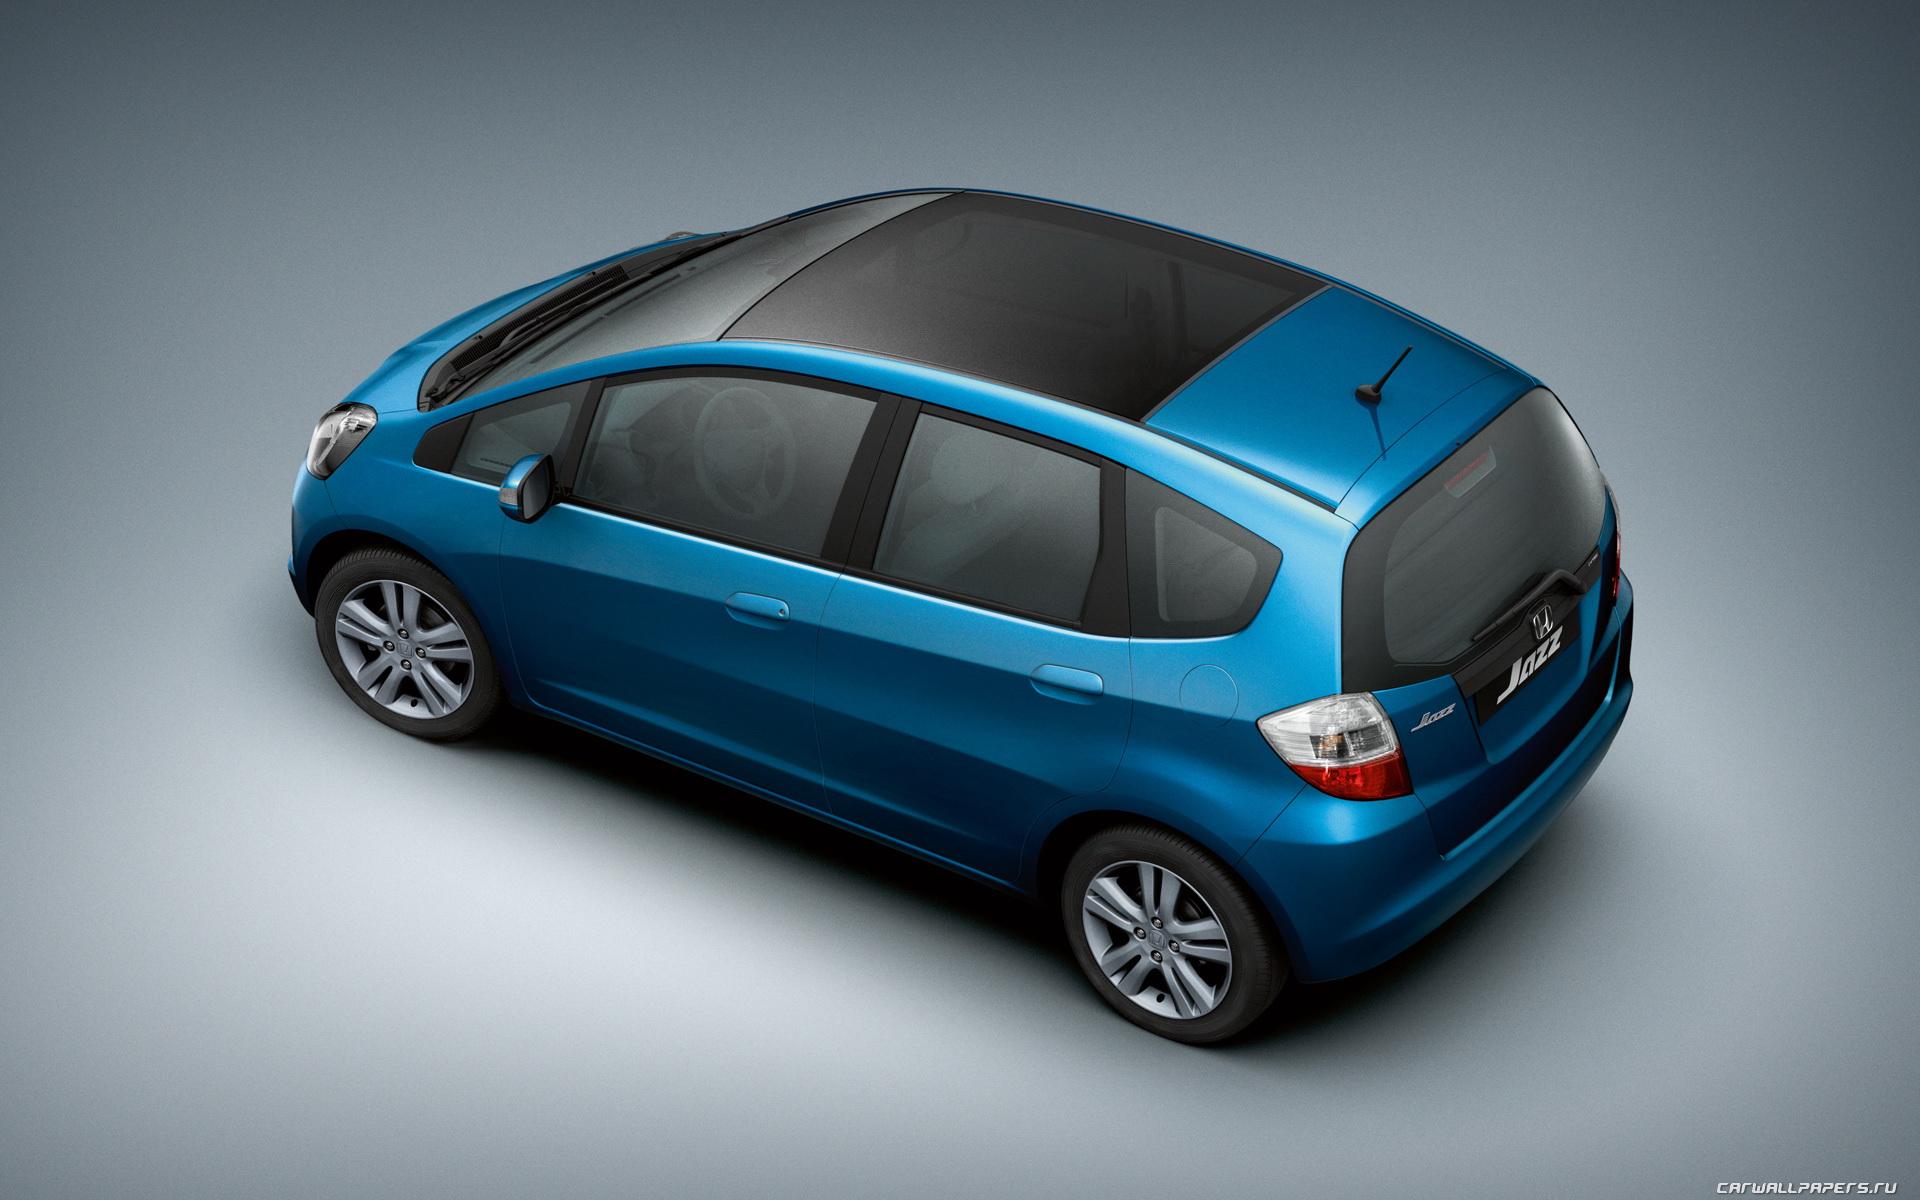 Хонда все модели авто фото и цены